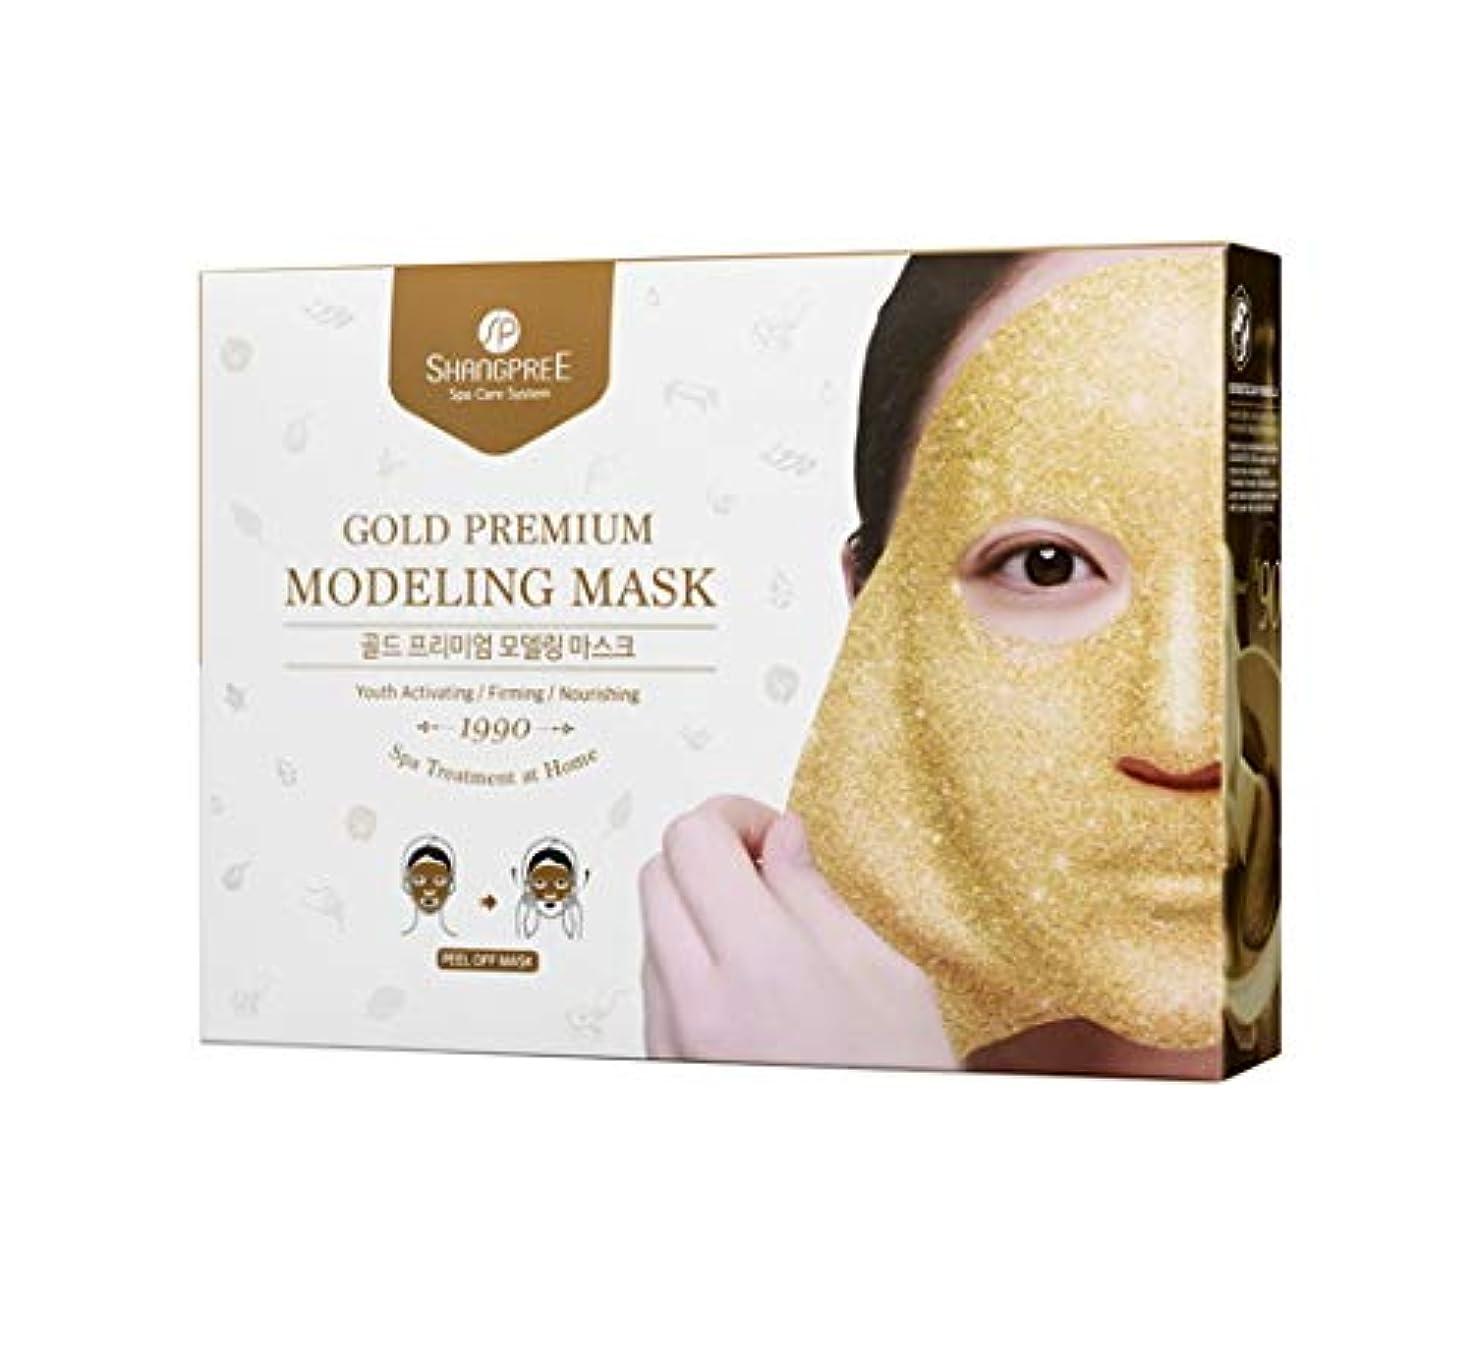 投げ捨てるセミナーデクリメントShangpree プレミアムゴールドモデリングマスク 5枚 gold premium modeling mask 5ea (並行輸入品)